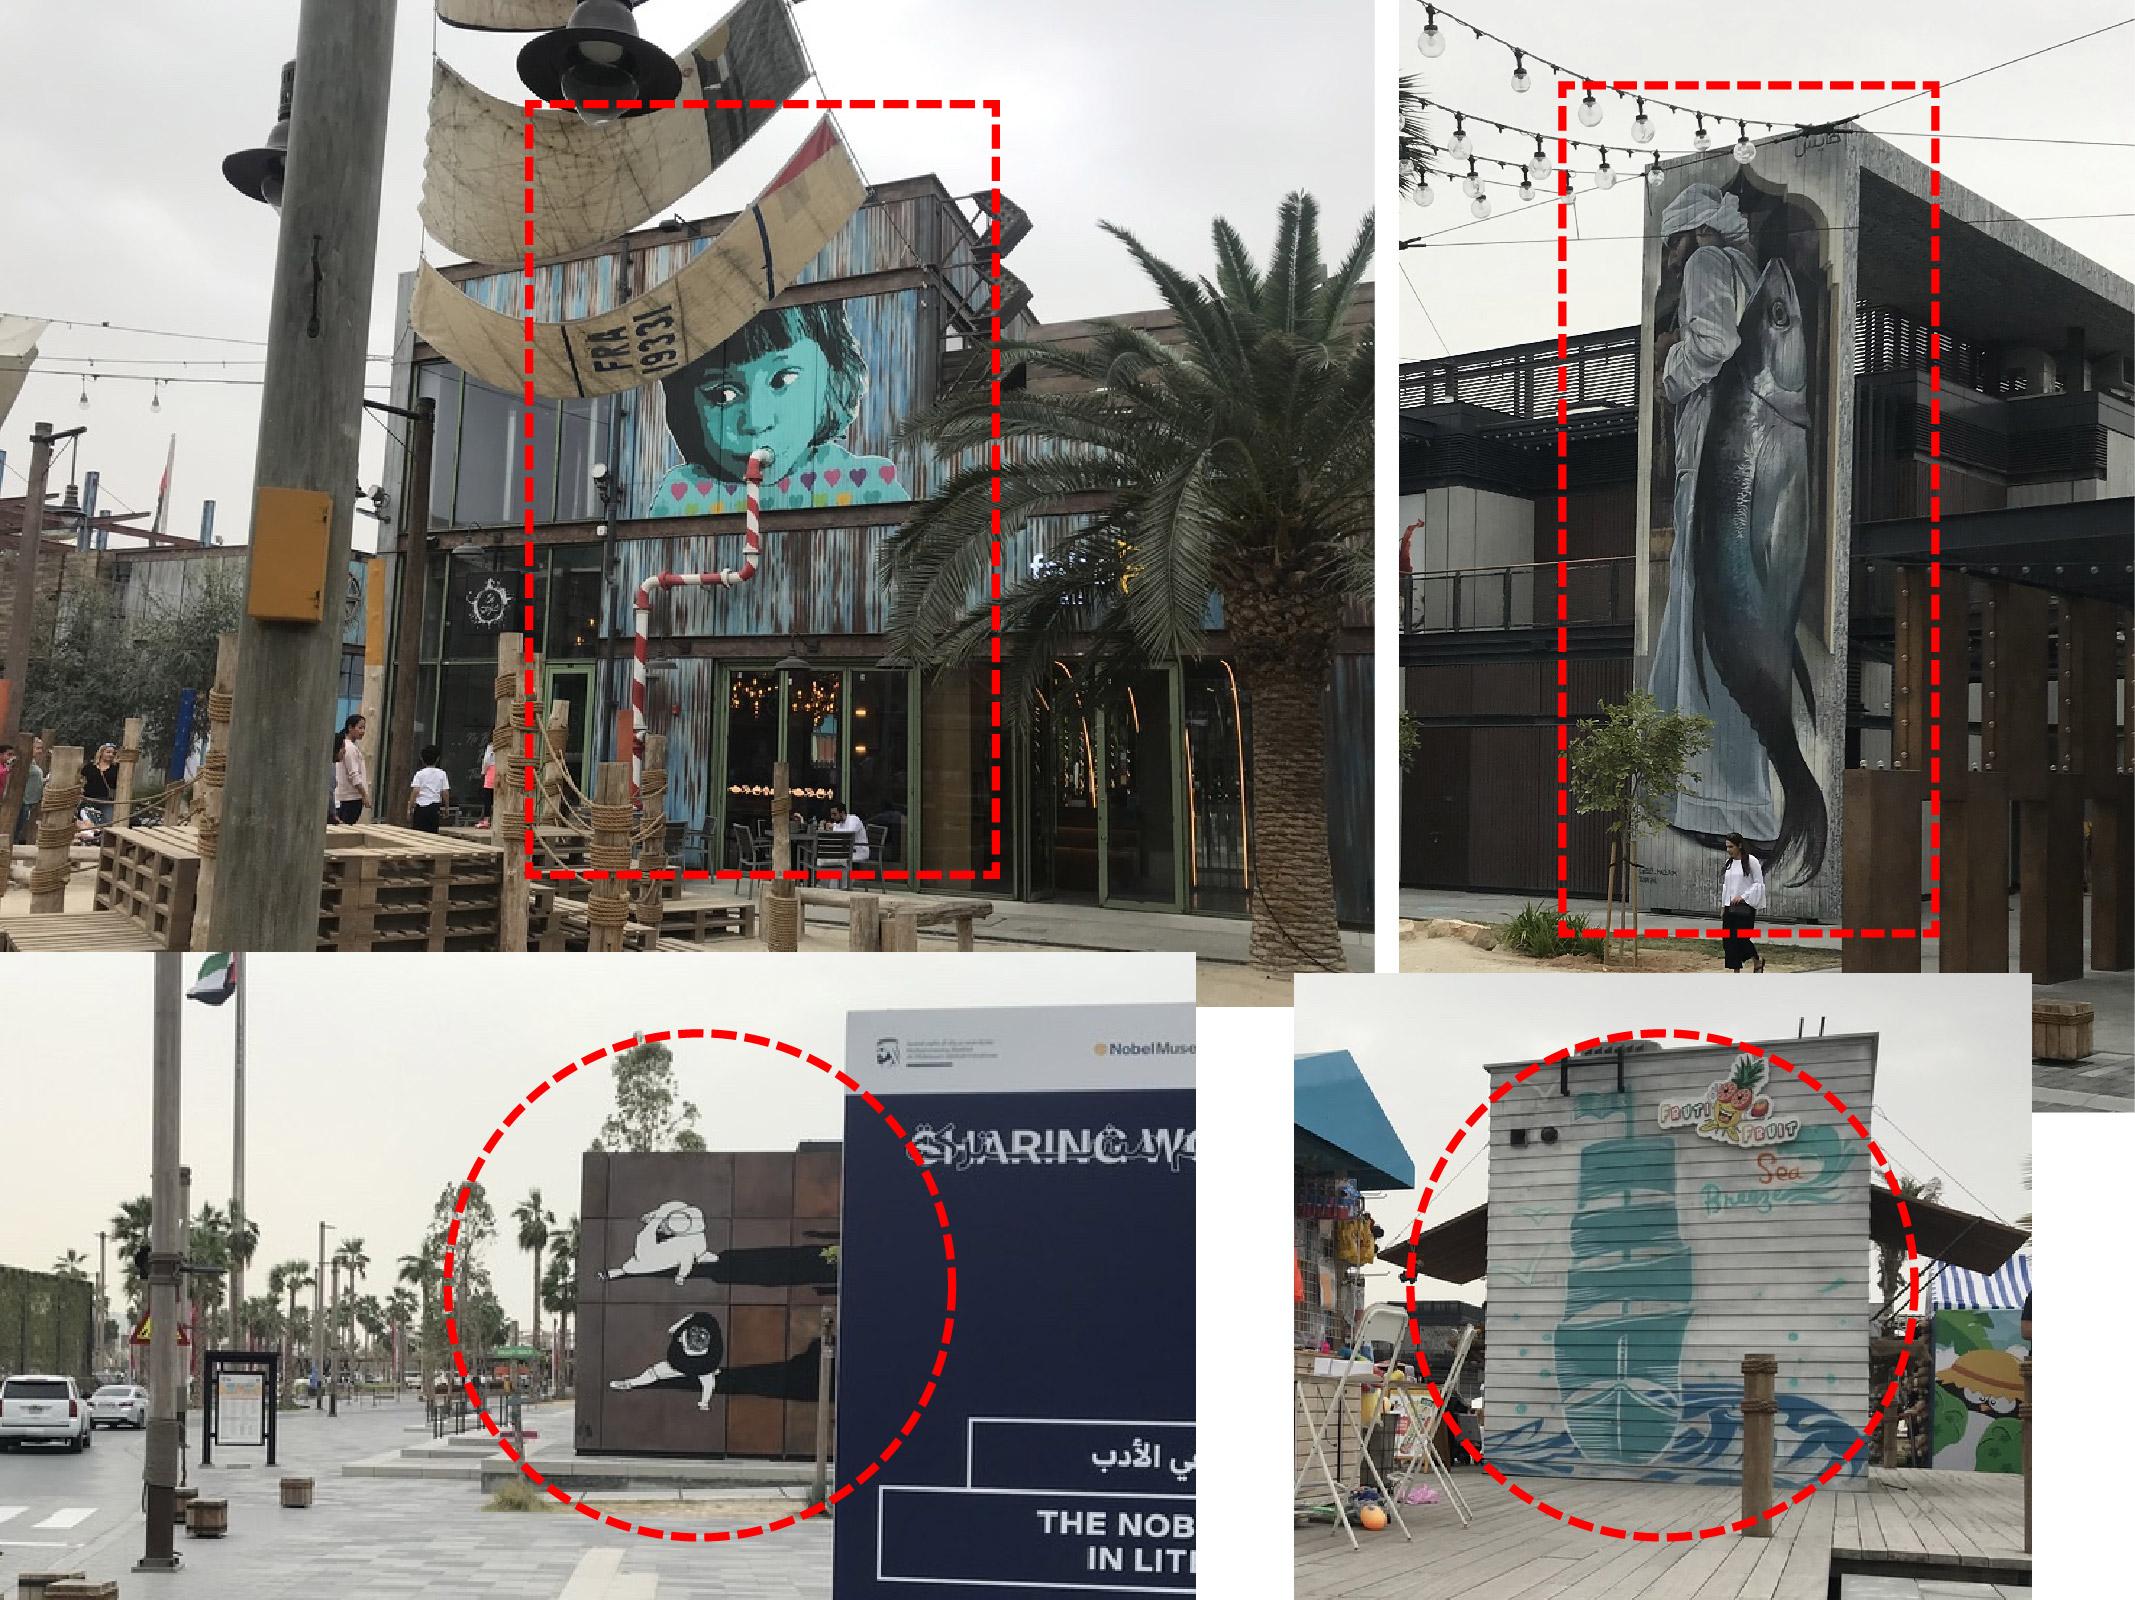 ارتباط طراحی شهری با پیشرفت، مراکز تفریحی داستاندار(۱) (Themed)